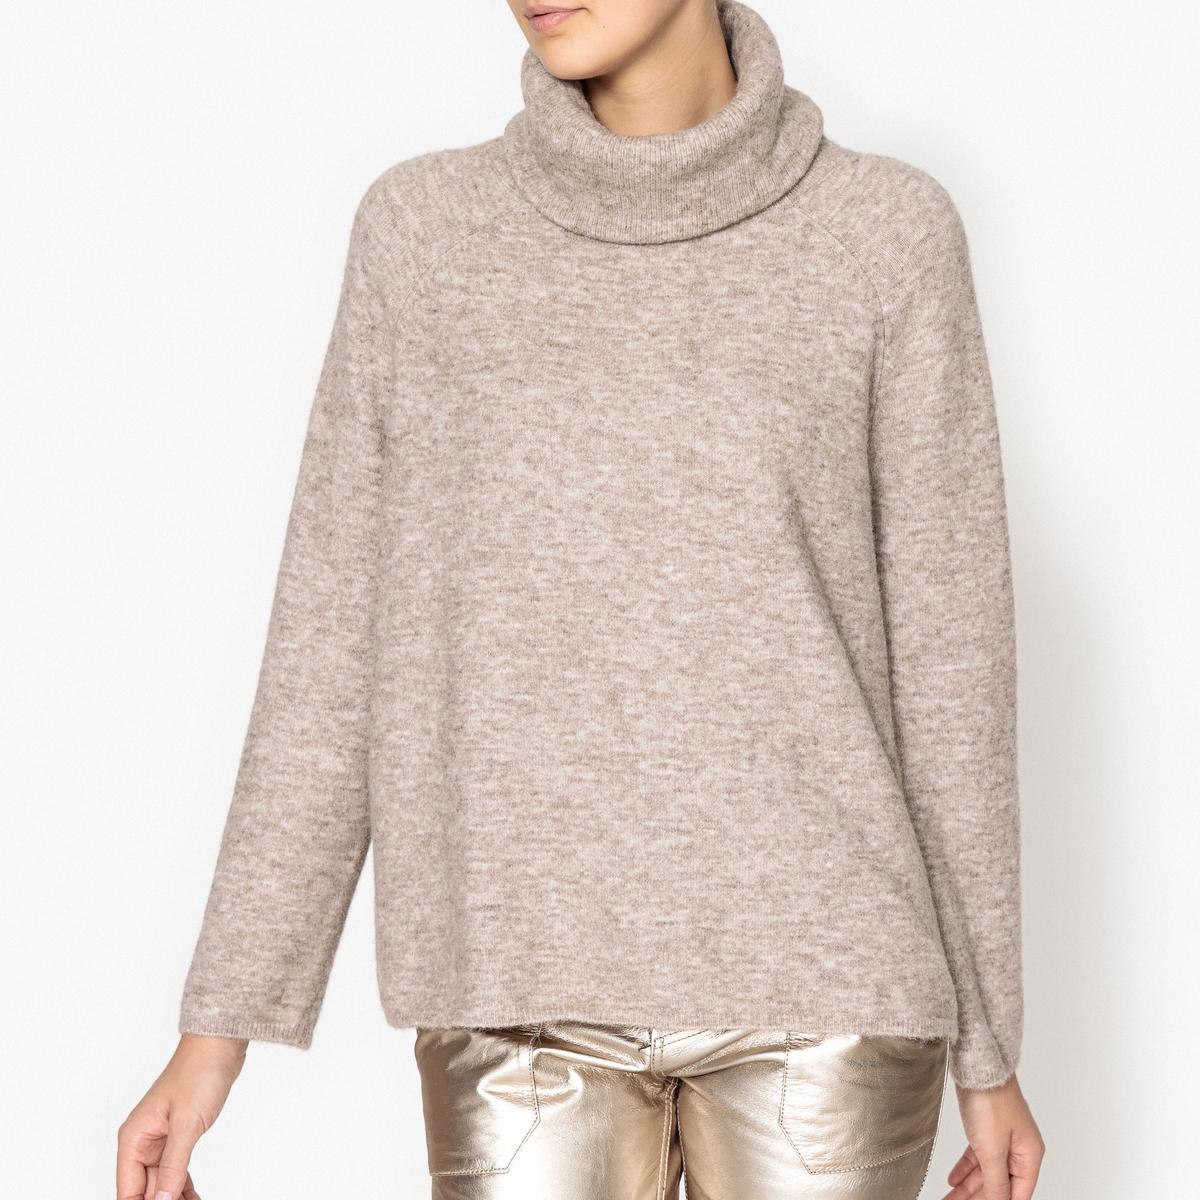 Пуловер свободный с воротником с отворотом PLUNKETT пуловер свободный с воротником с отворотом plunkett